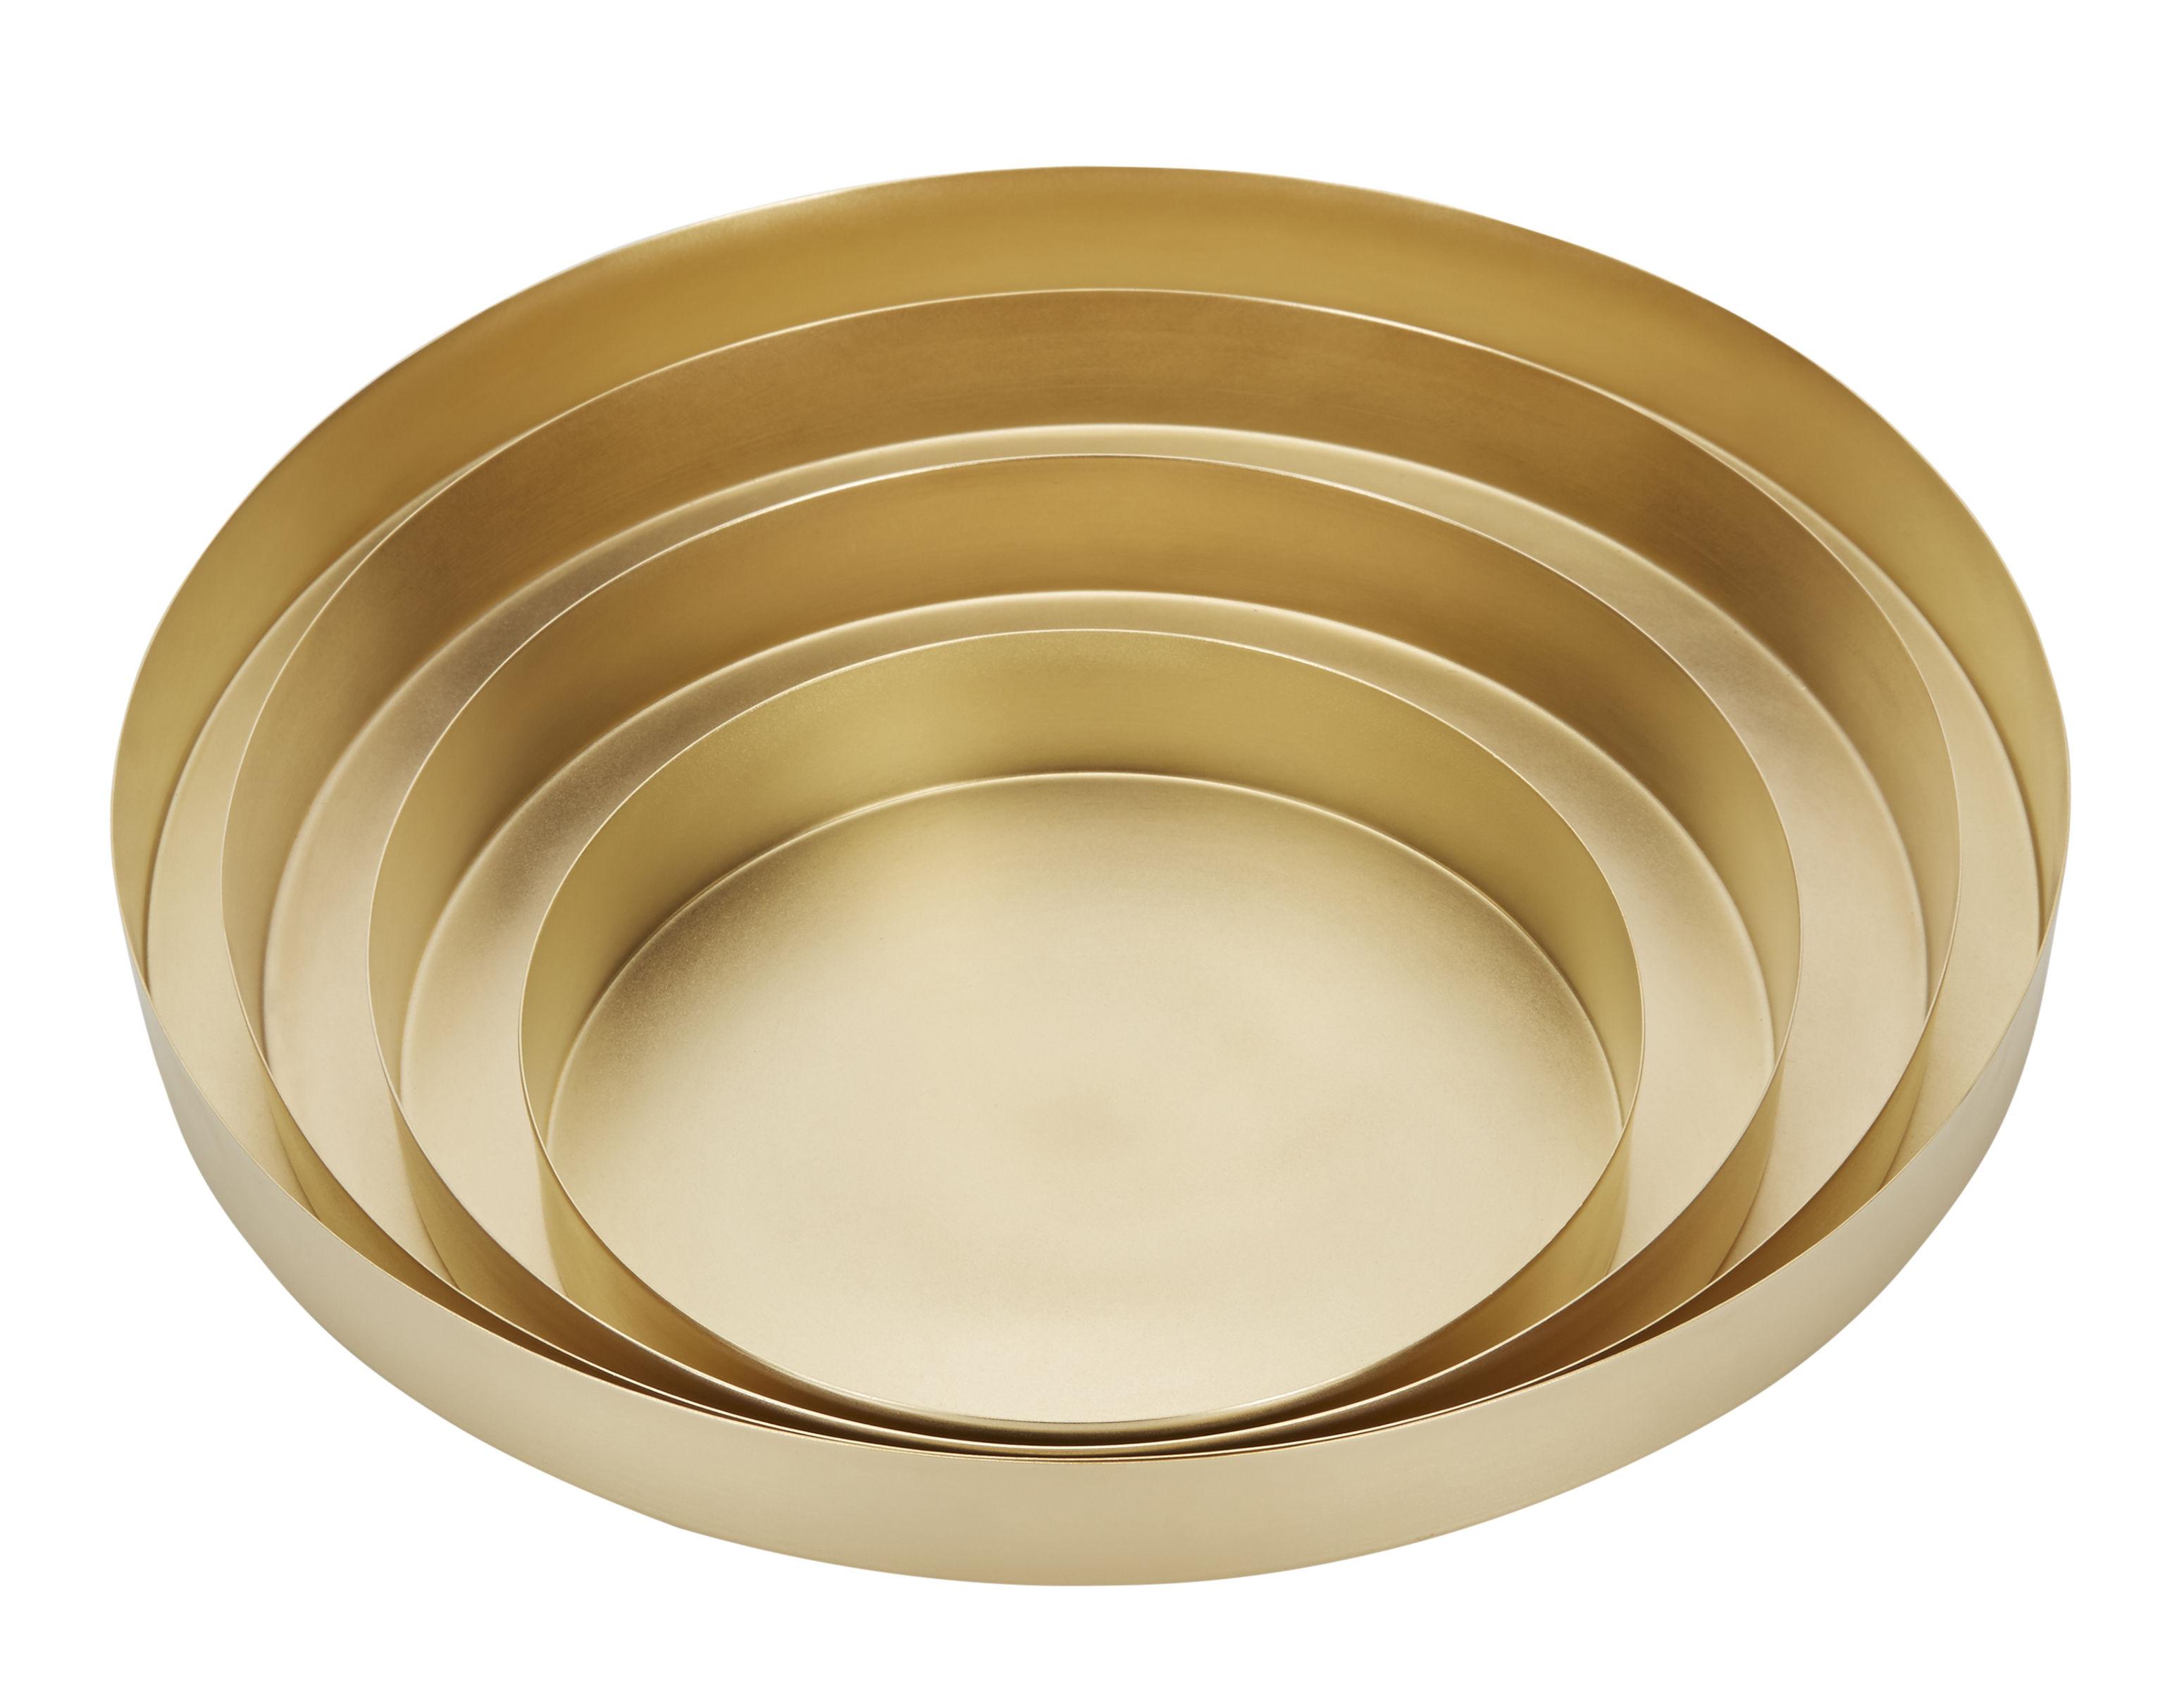 Arts de la table - Plateaux - Plateau Orbit Large / Set 4 plateaux Ø 30 cm - Tom Dixon - Laiton - Laiton